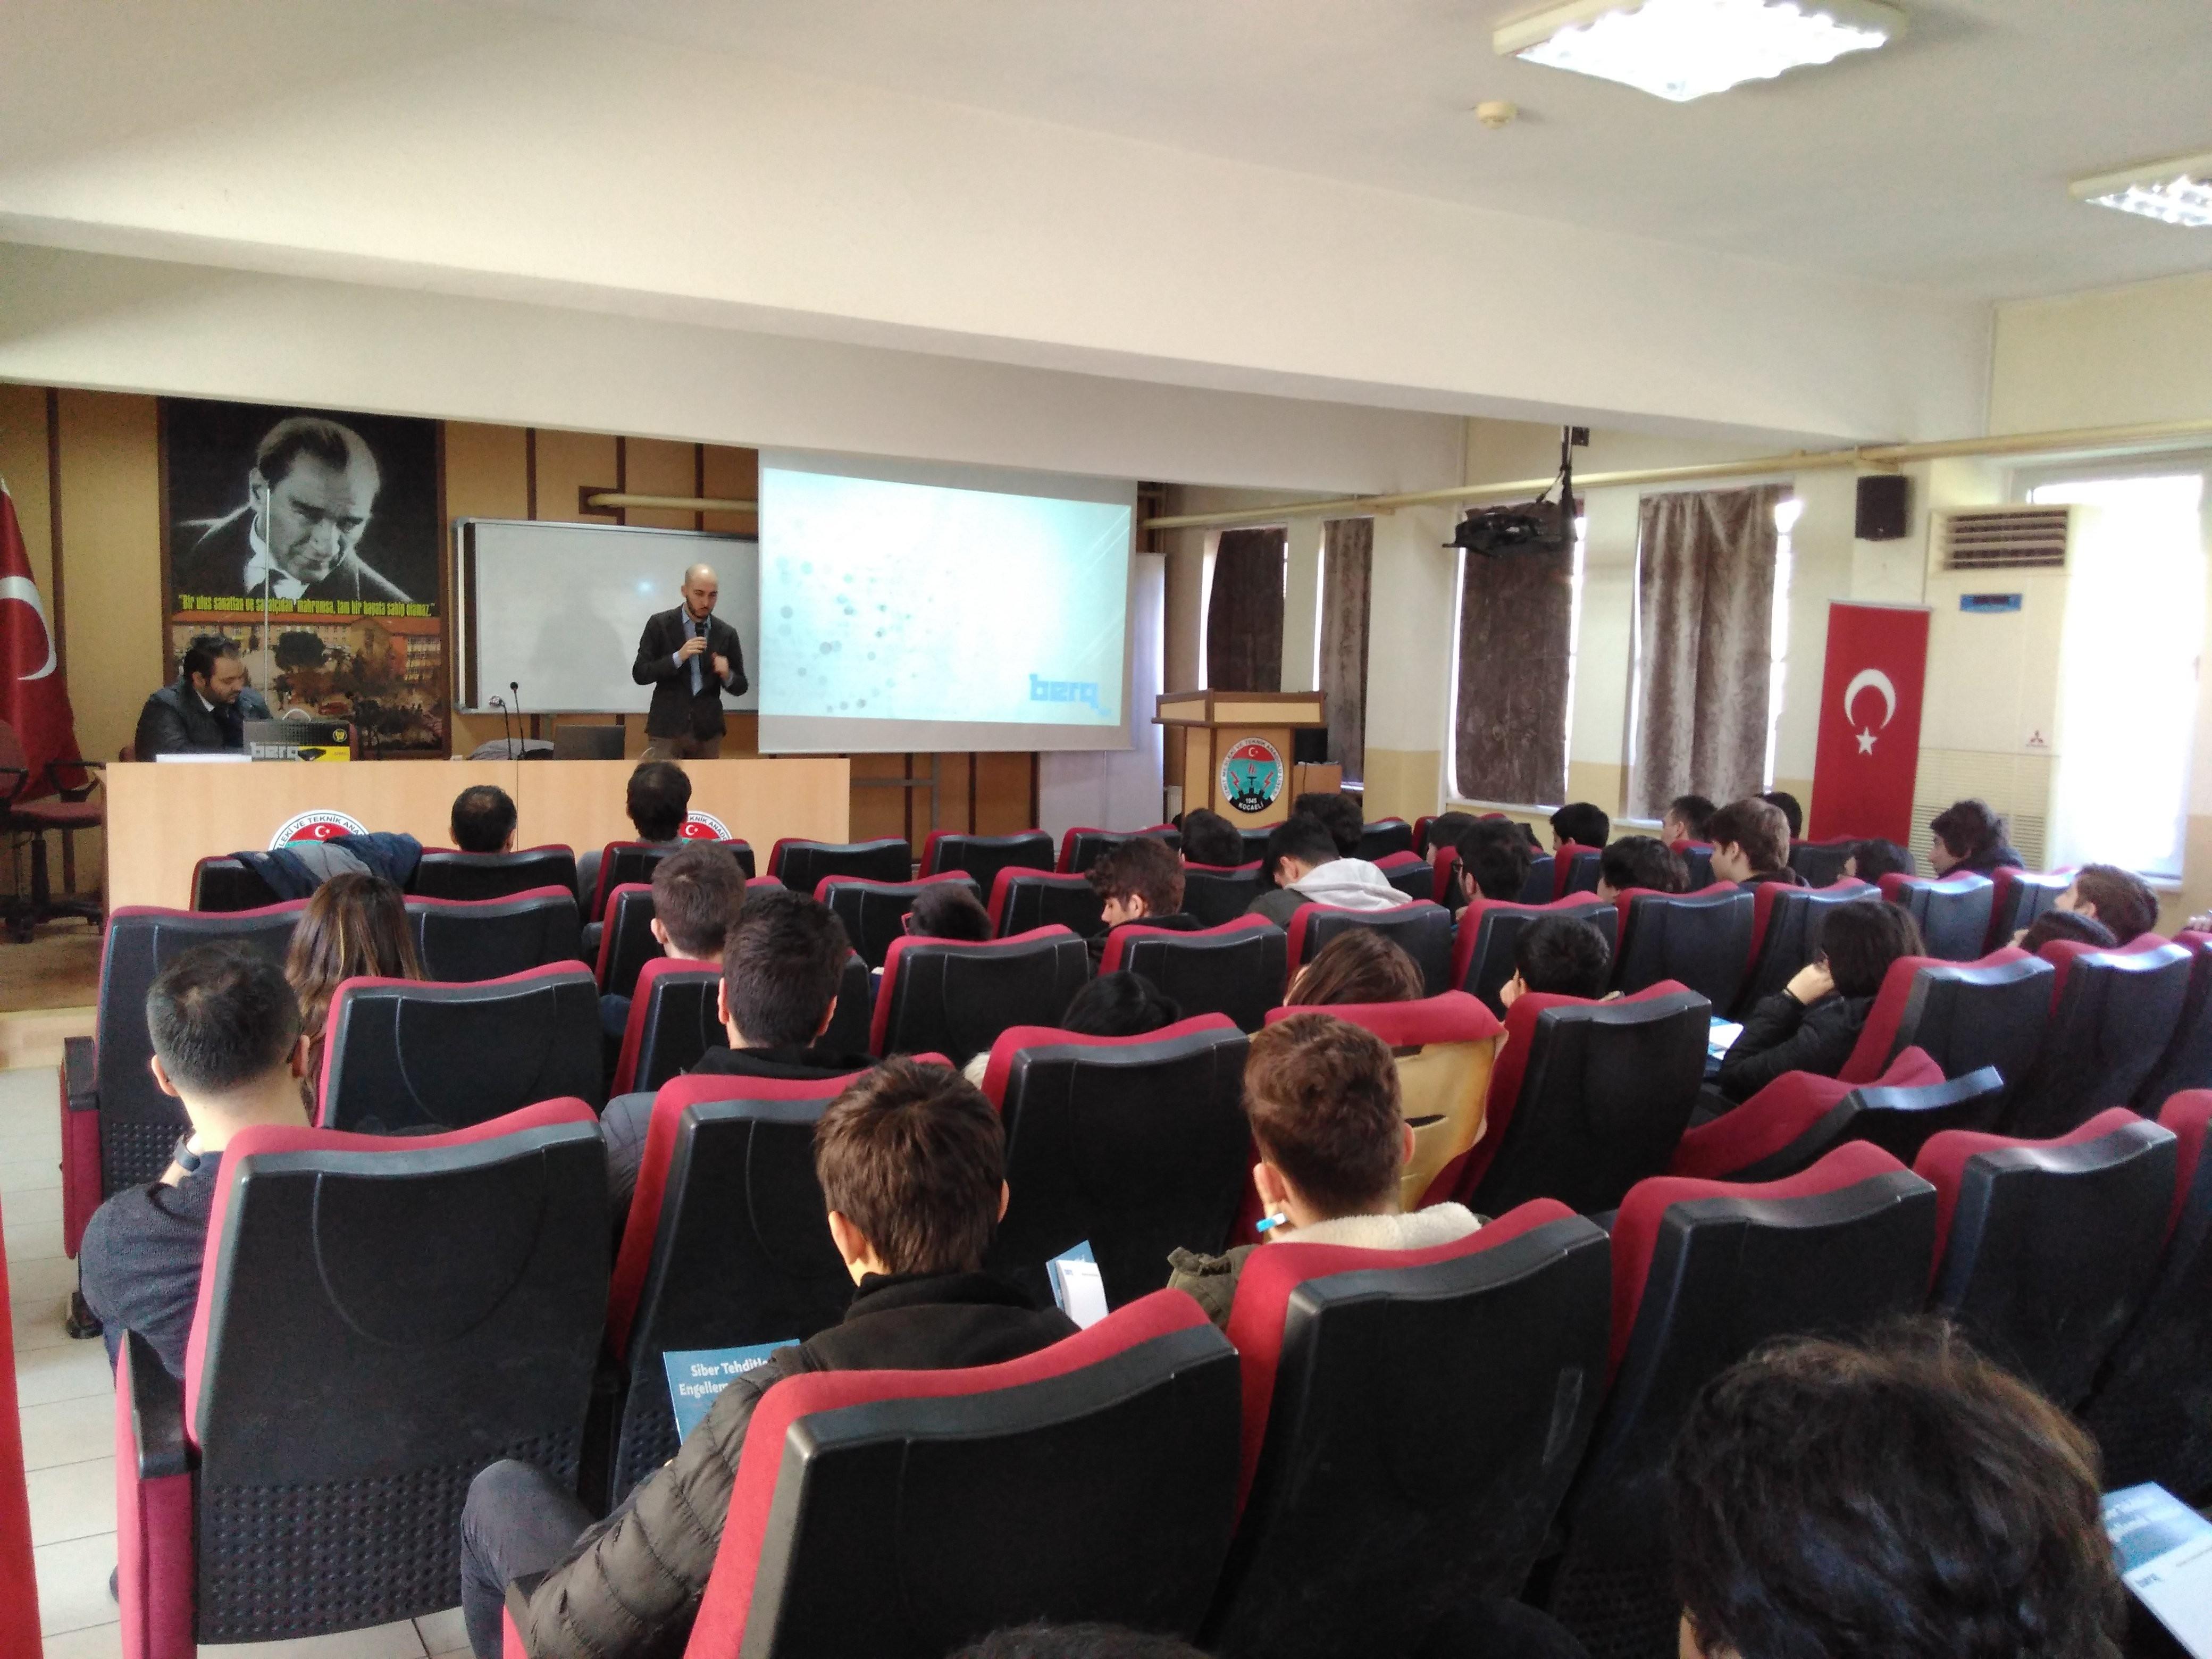 Berqnet'ten Eğitime Tam Destek: İzmit Mesleki ve Teknik Anadolu Lisesi Eğitimi